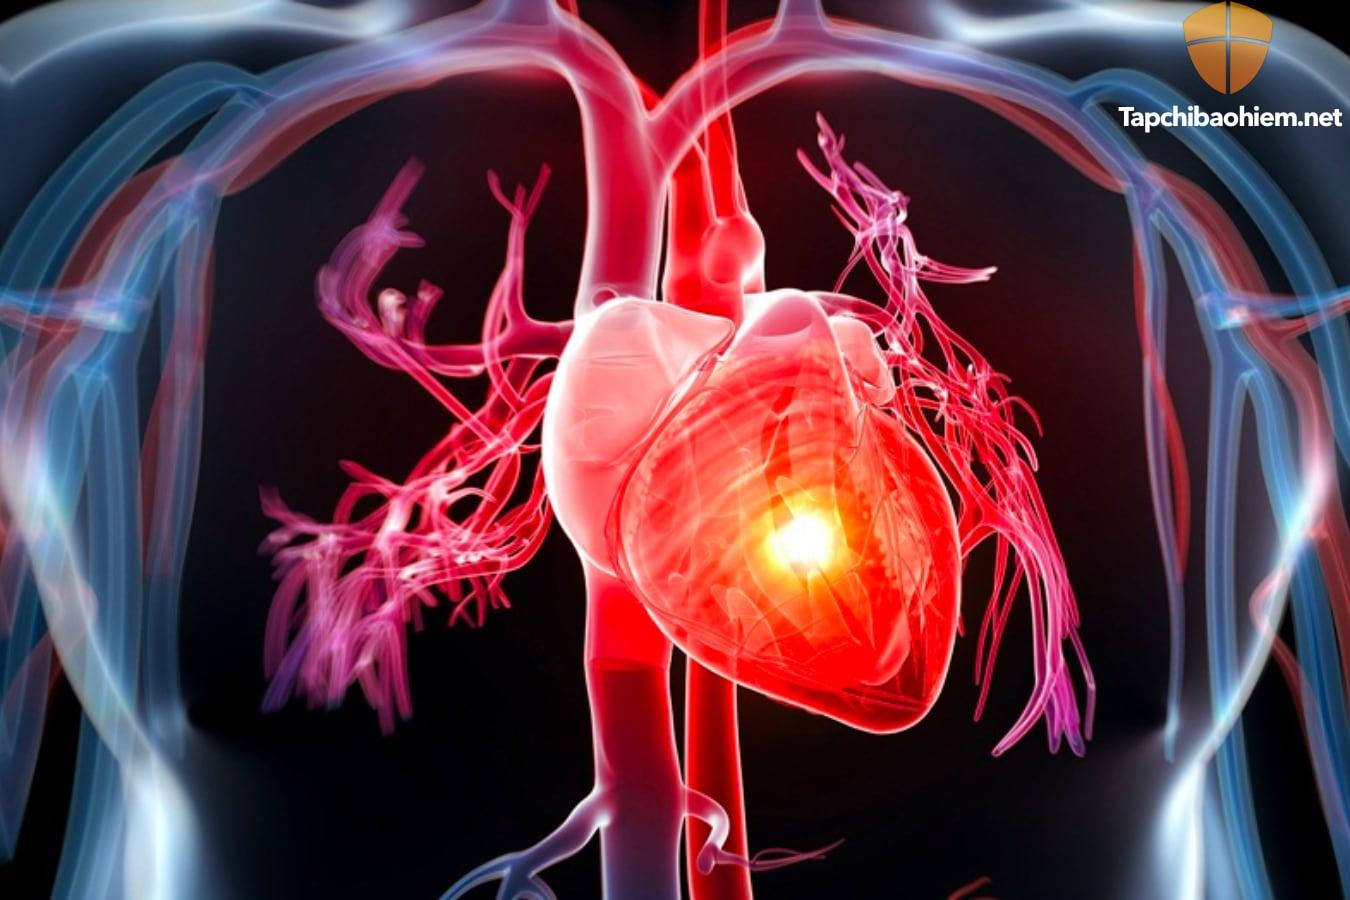 Bệnh suy tim là gì? nguyên tắc điều trị và kiểm soát bệnh suy tim